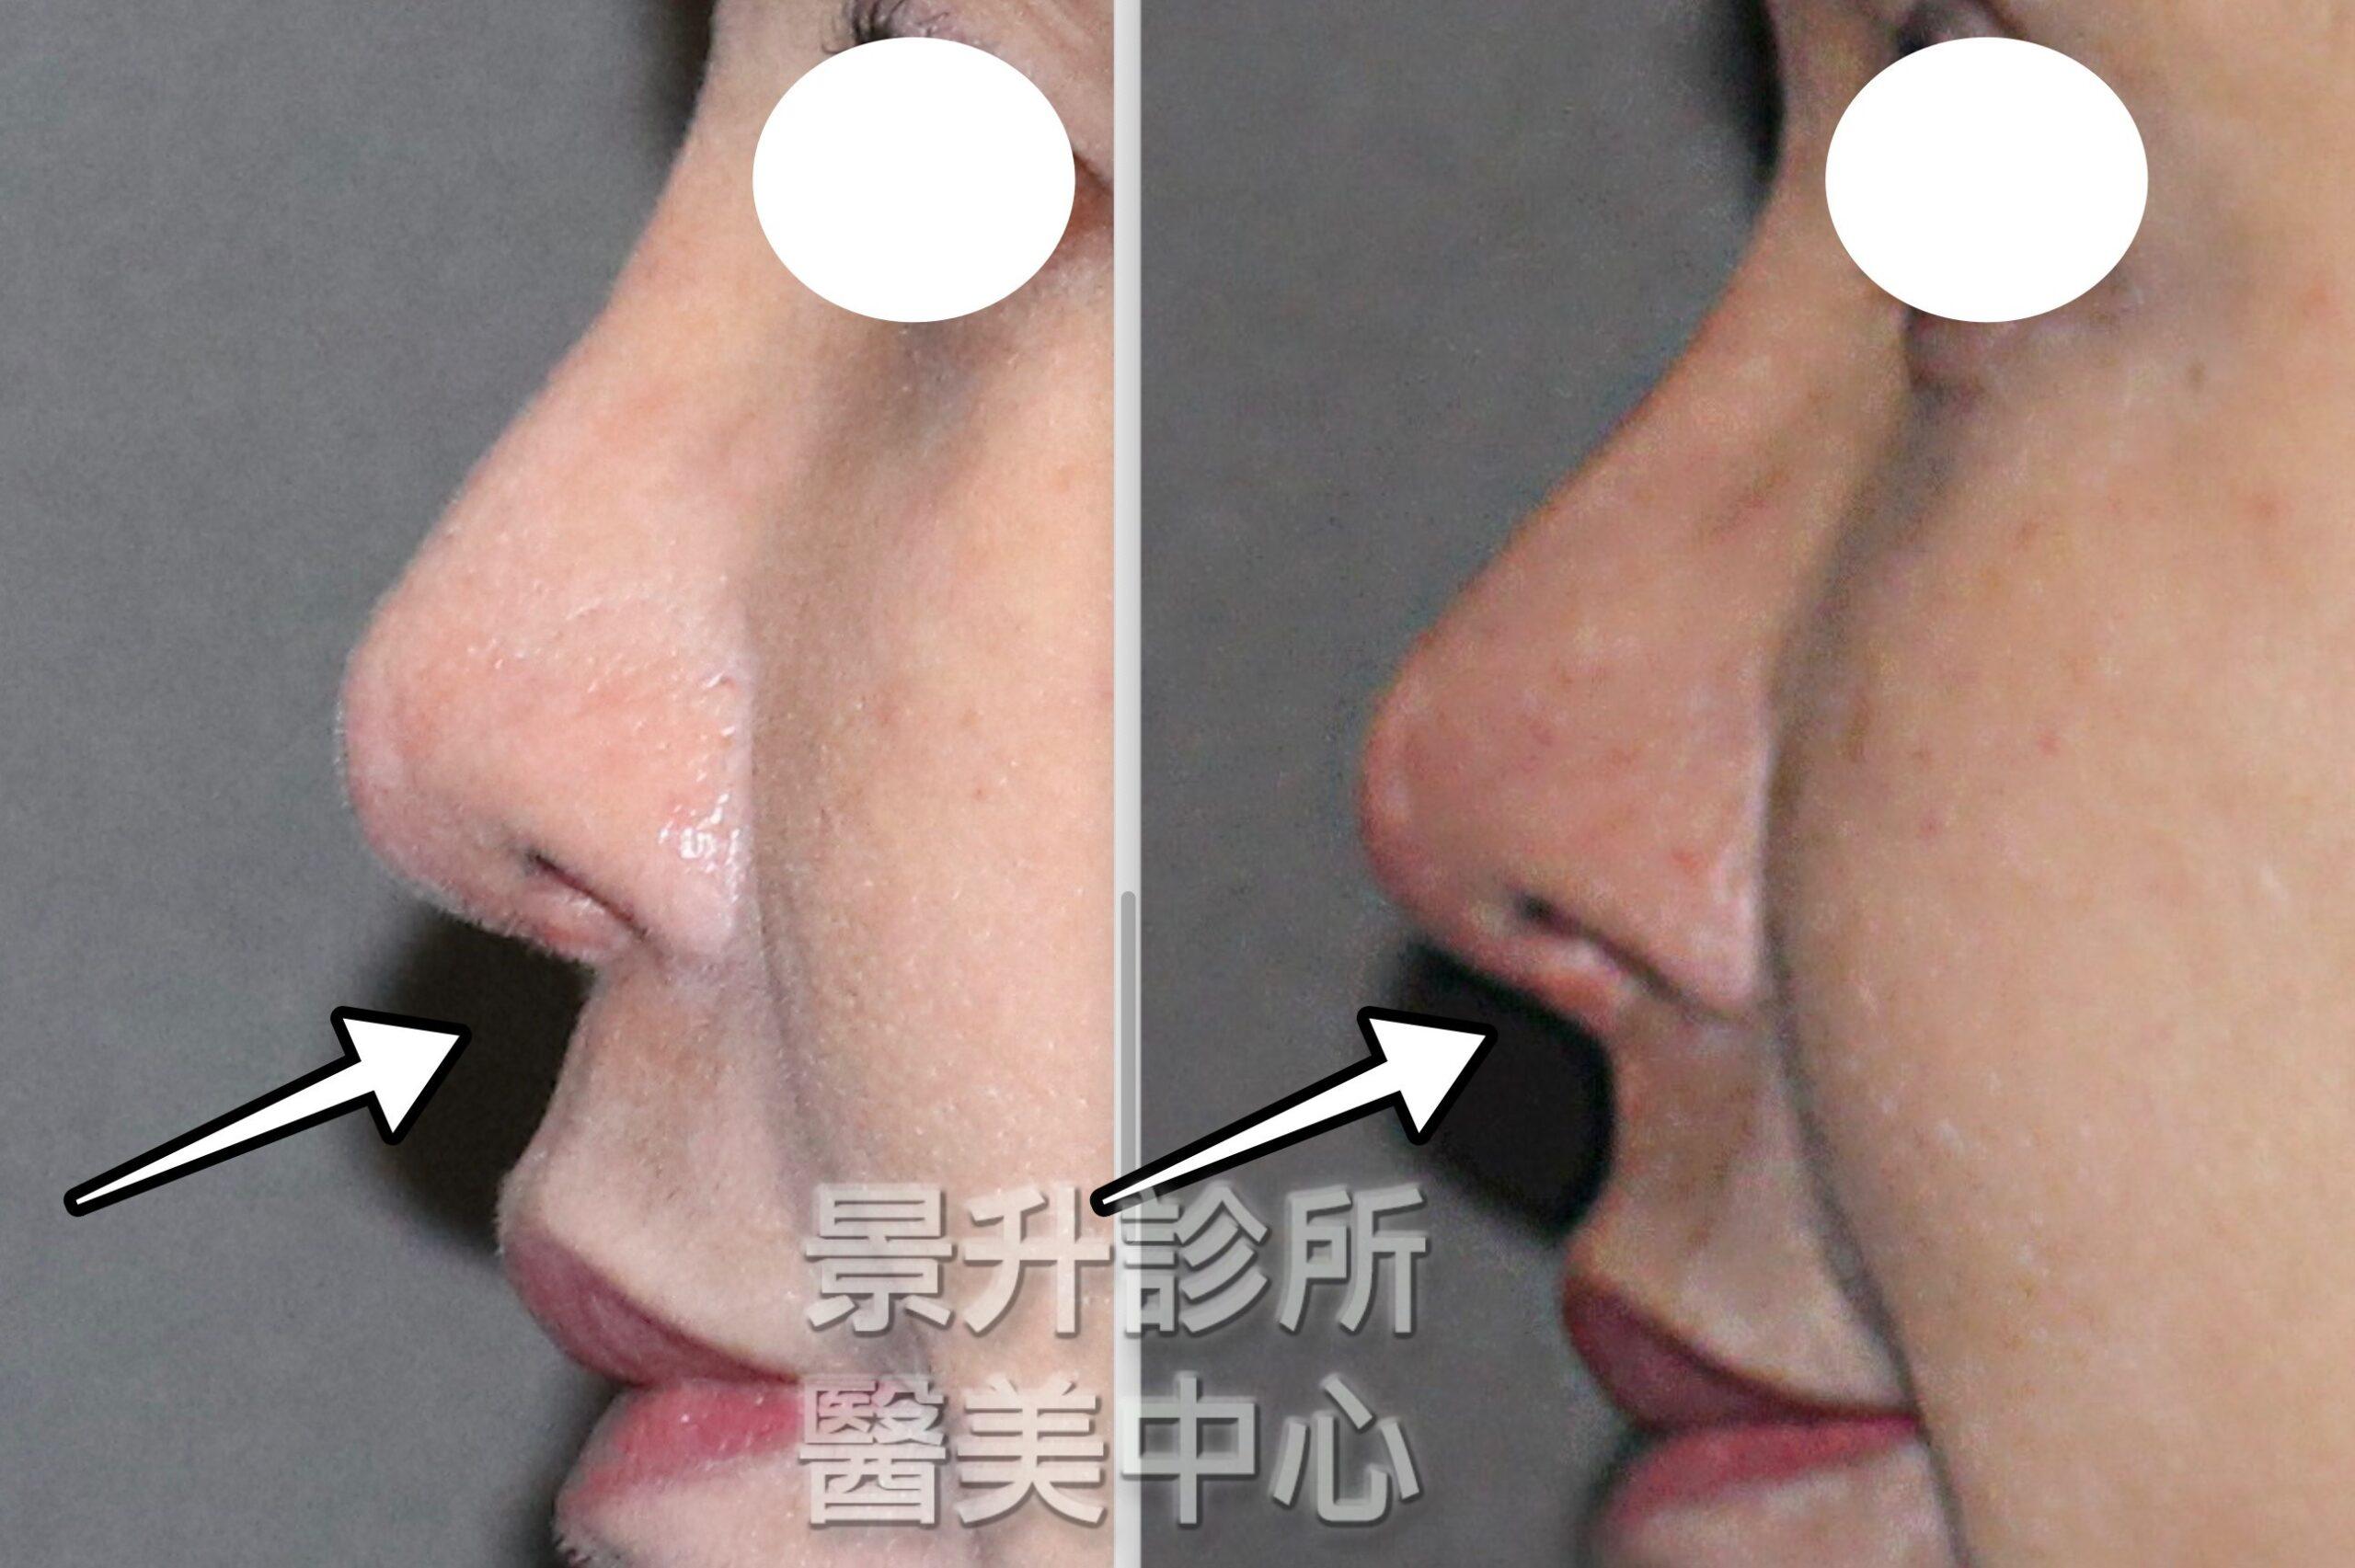 玻尿酸隆鼻後,鼻尖更翹更間更挺,鼻中柱和鼻唇角都變漂亮